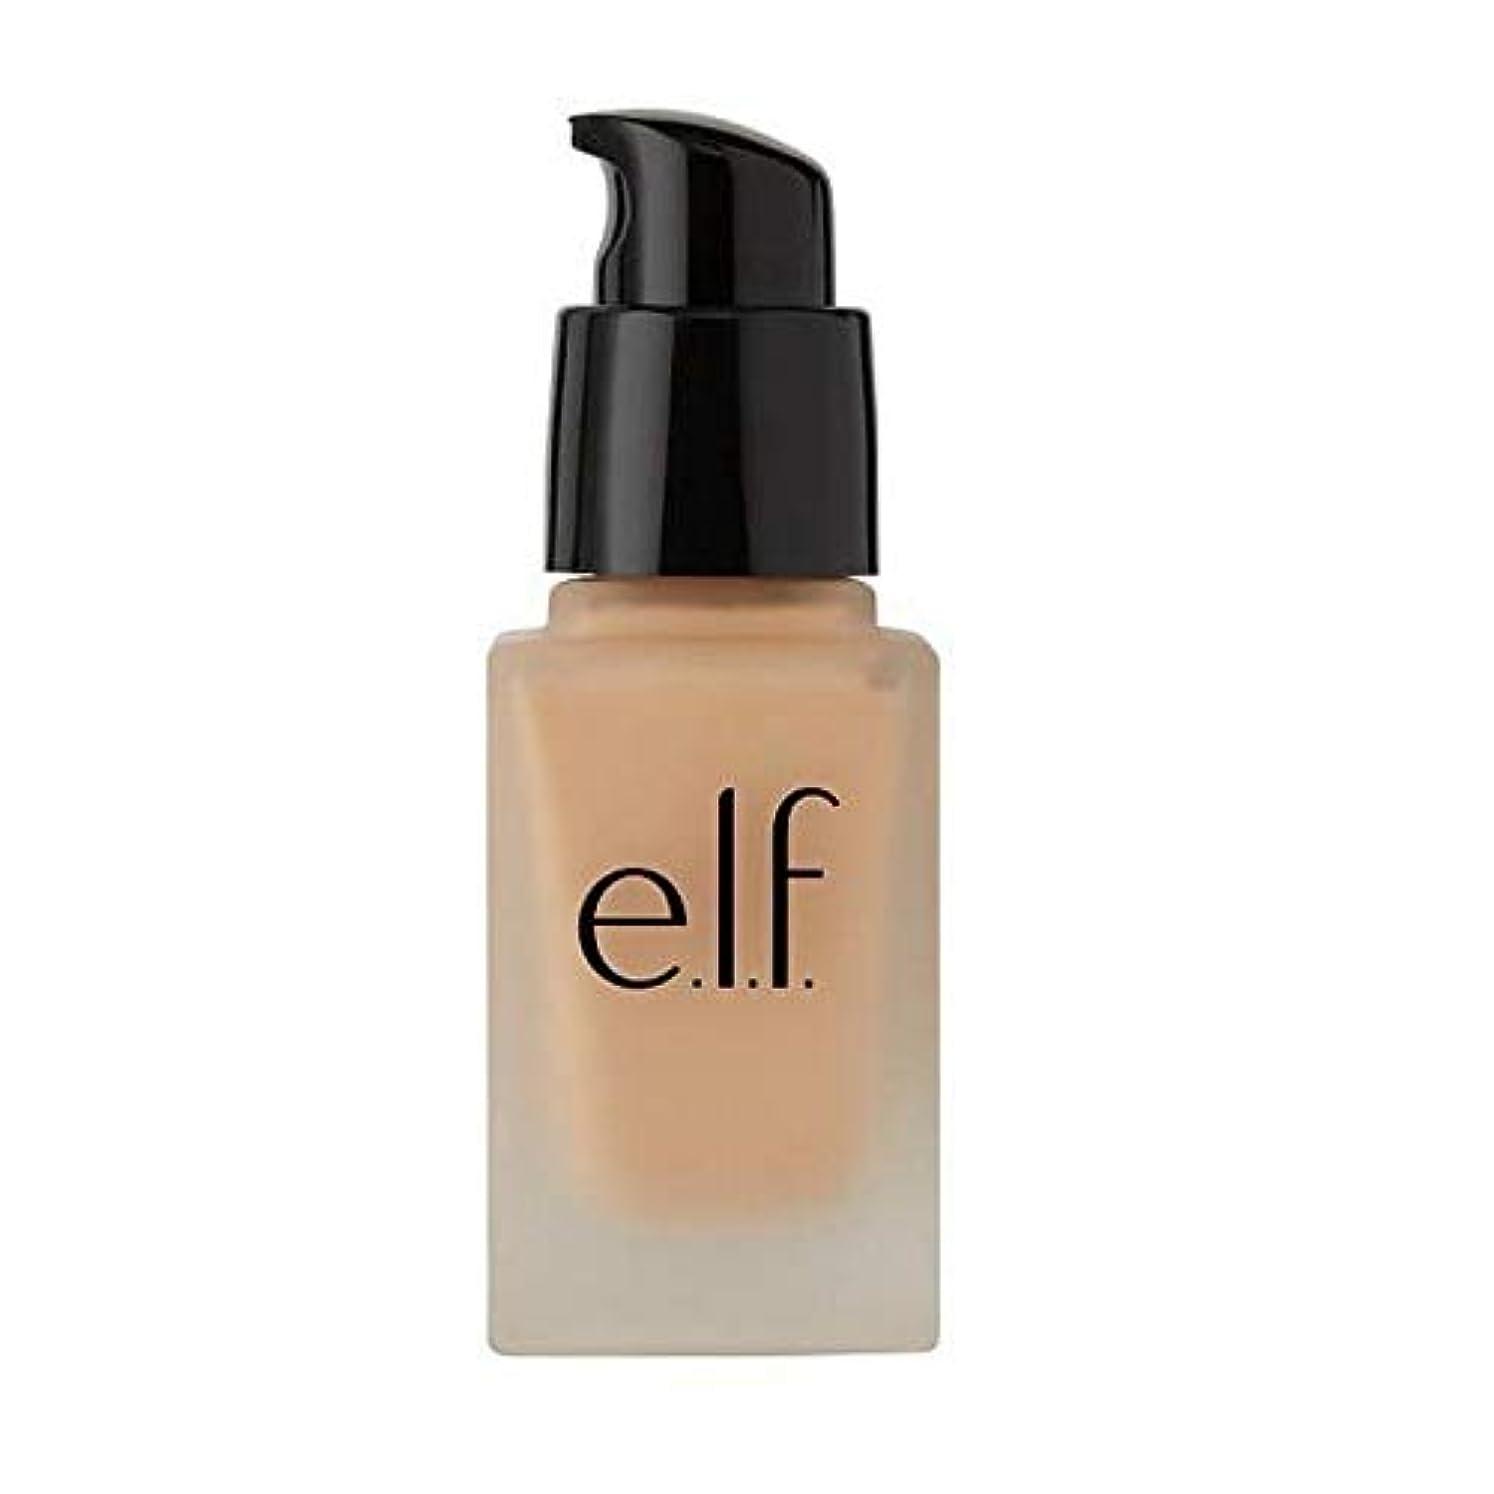 平凡組み合わせアカデミー[Elf ] エルフ。完璧な基盤ヌード - e.l.f. Flawless Foundation Nude [並行輸入品]